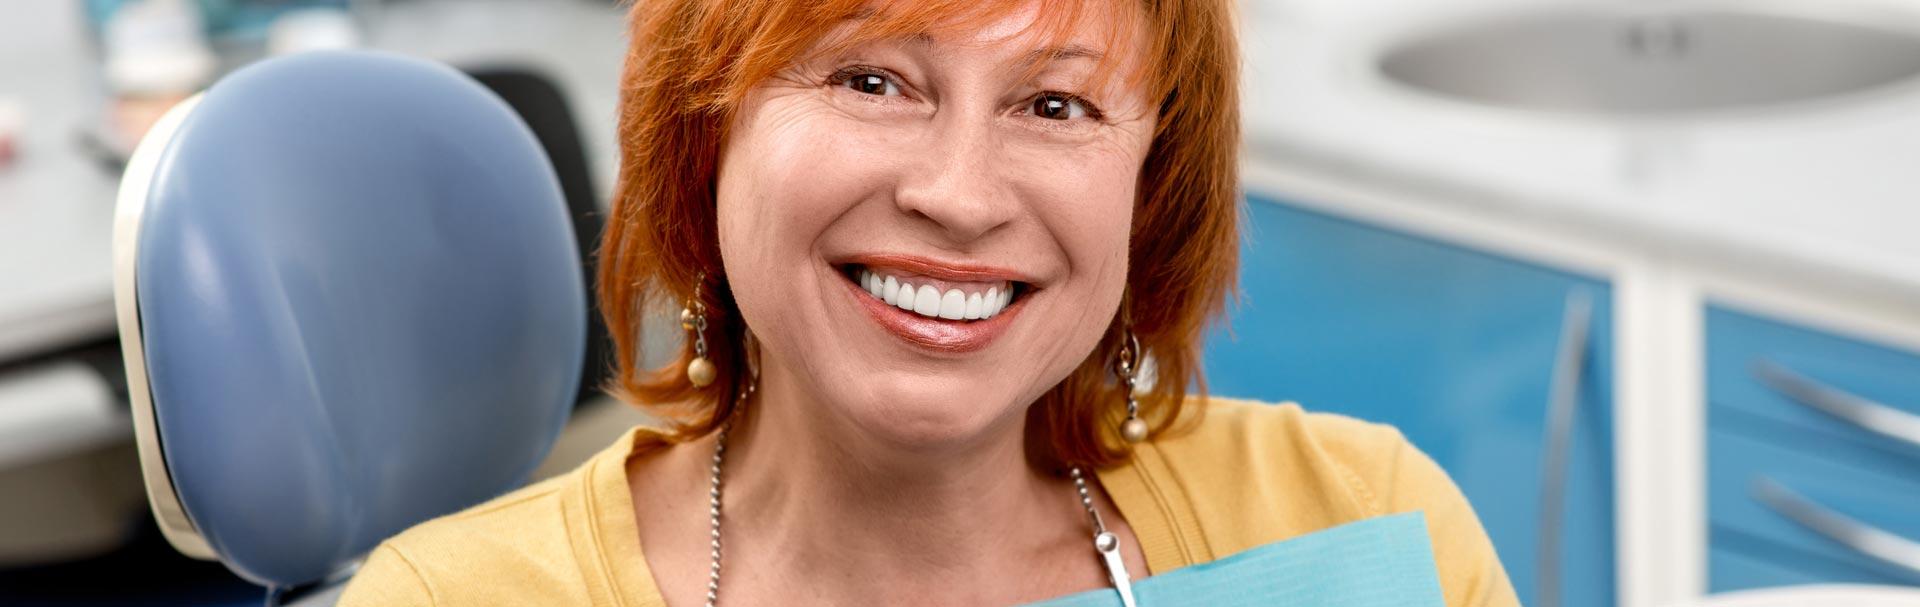 Happy elderly woman having dentures